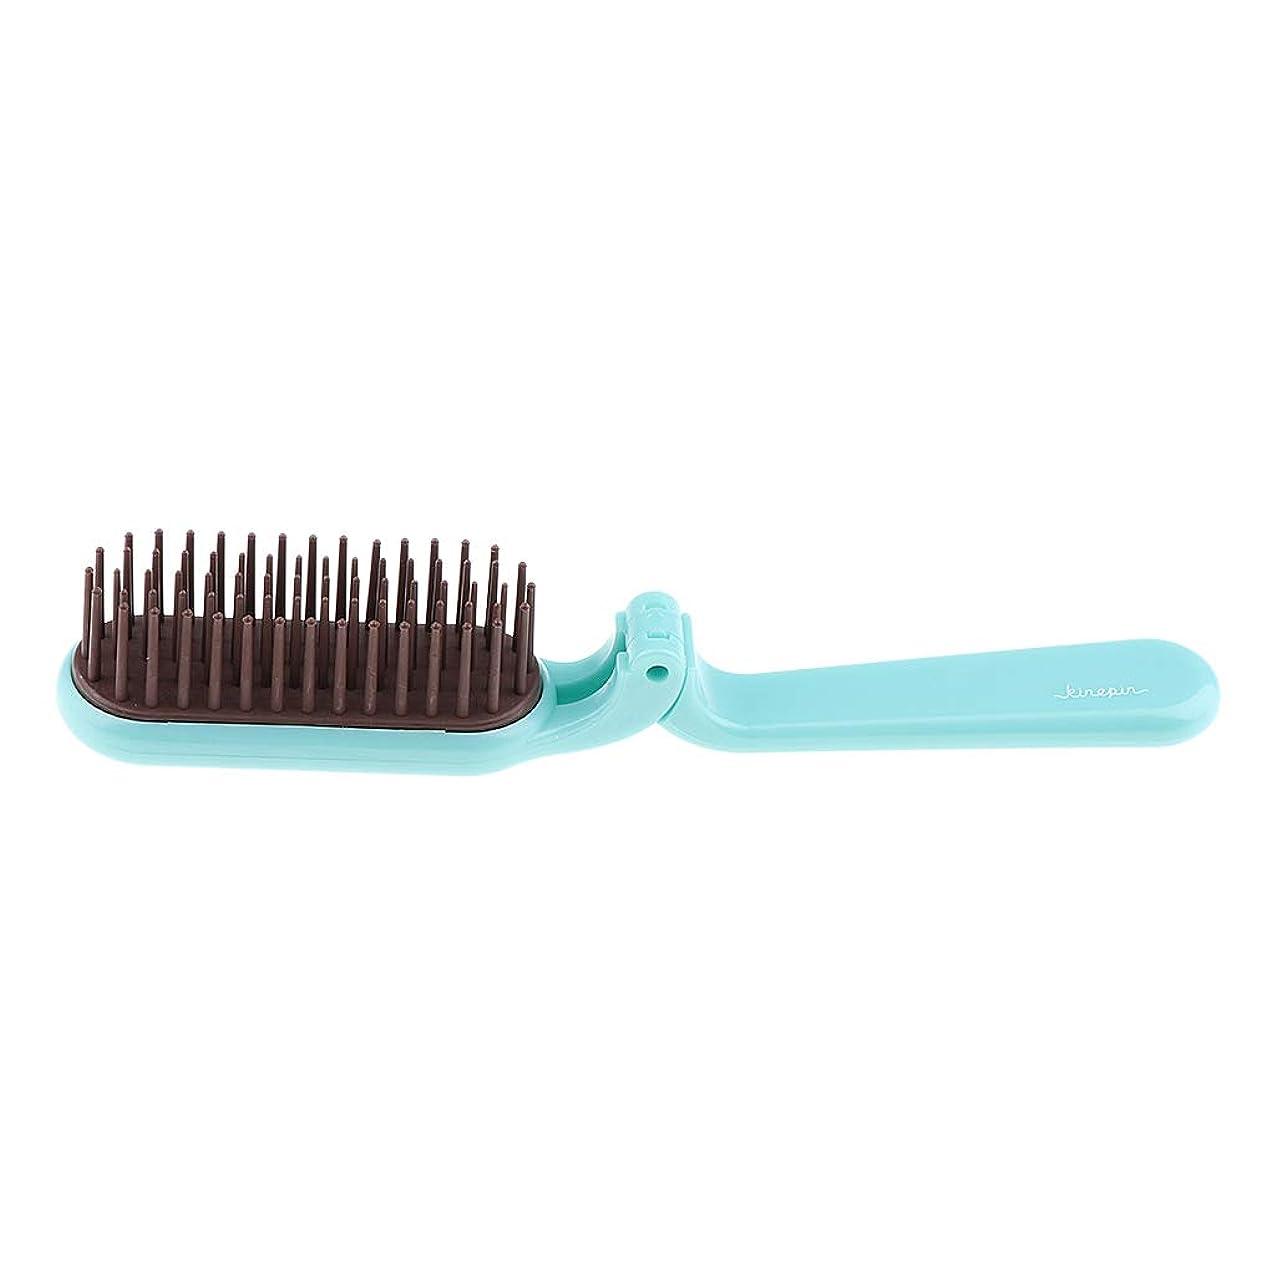 絡み合い適切なはちみつB Baosity 折りたたみヘアブラシ 静電気防止櫛 ヘアコーム ヘアスタイリング 2色選べ - 青